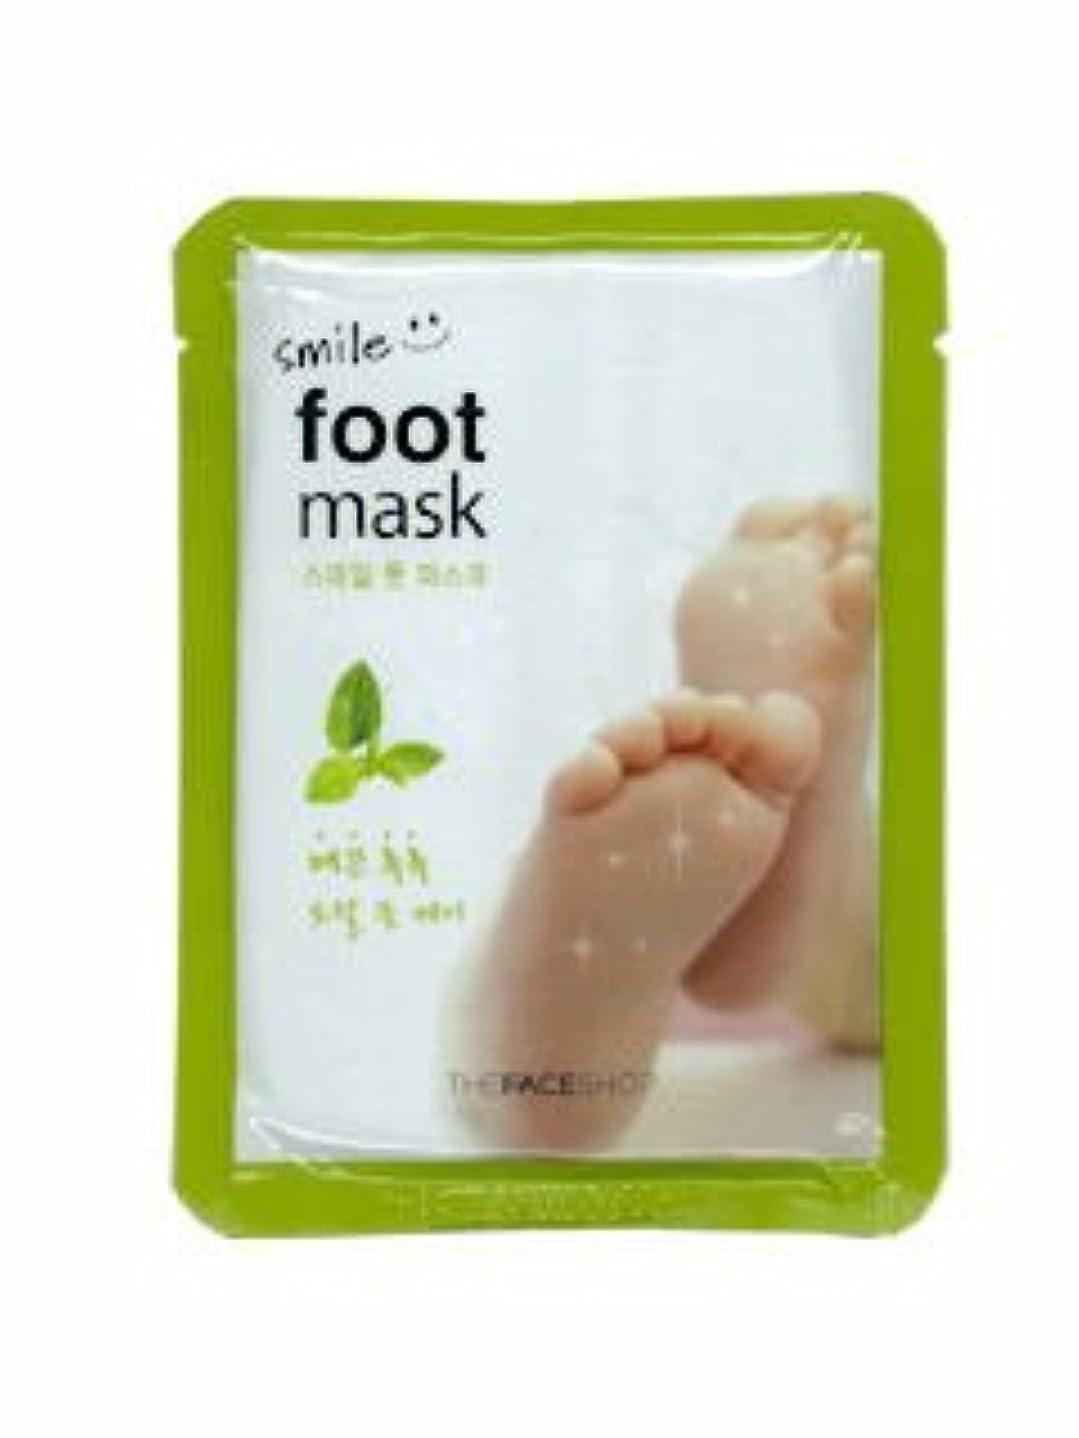 緩むマインドフル延ばす【THE FACE SHOP ( ザフェイスショップ )】 SMILE FOOT MASK スマイル フット マスク